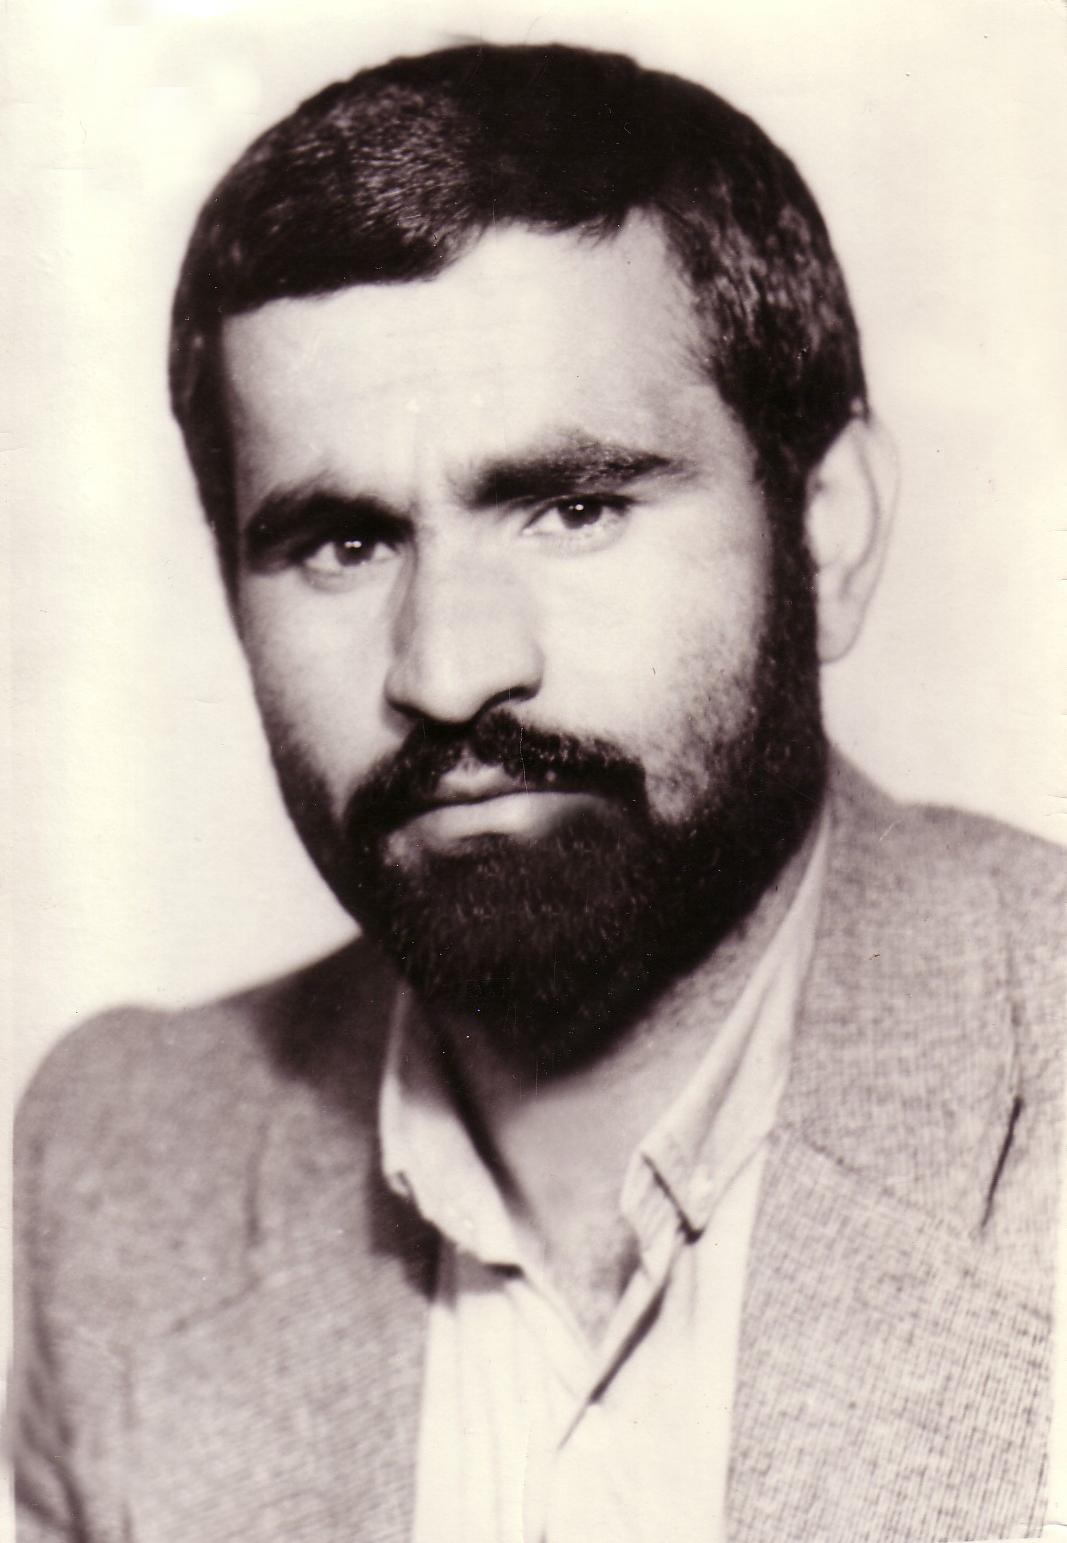 حسین علی خرمک (حامدی فرد)